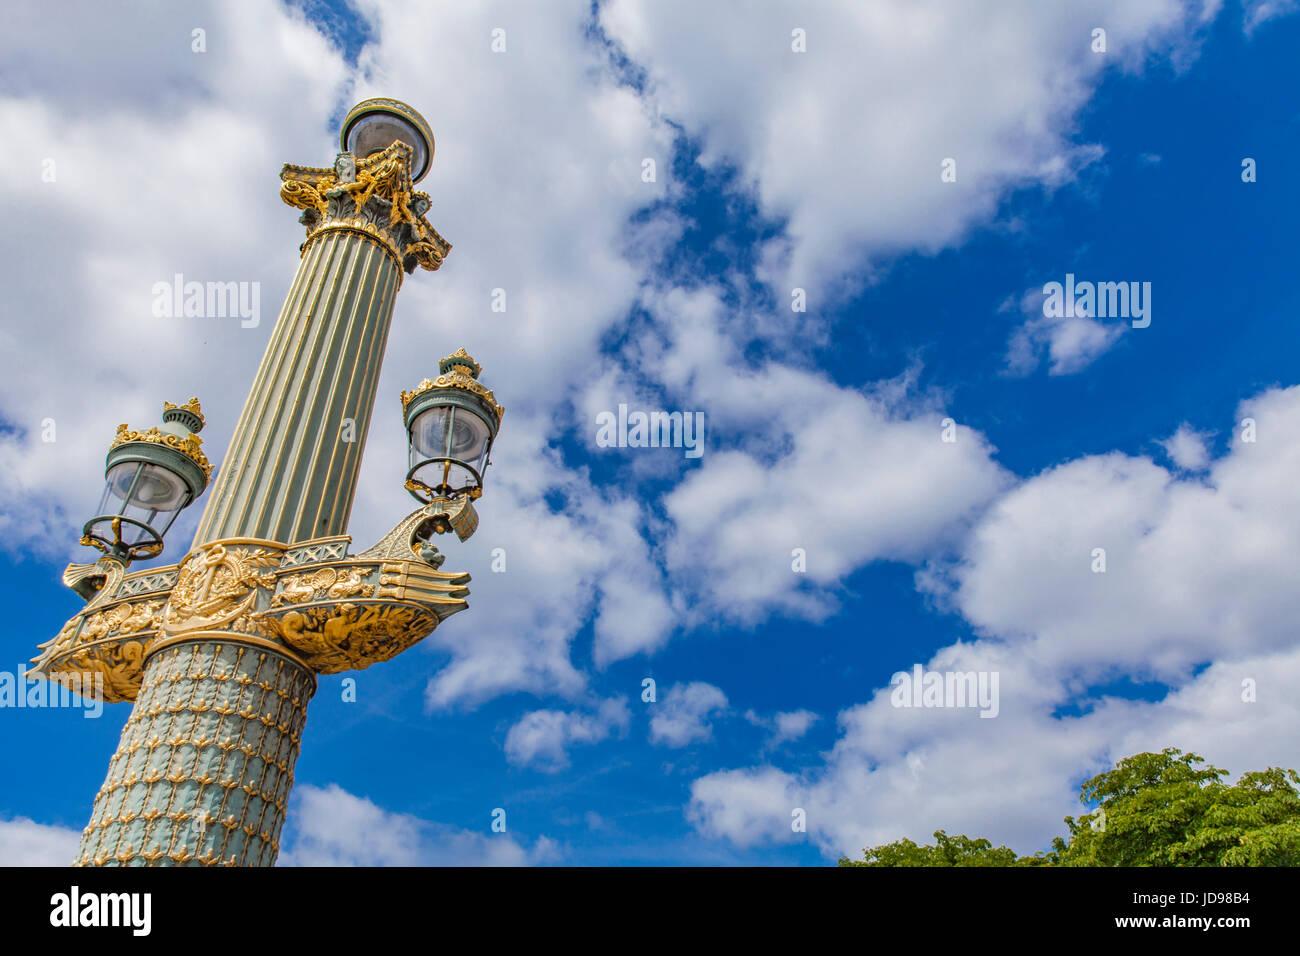 Detail Of Lamp Posts At Place De La Concorde In Paris, France